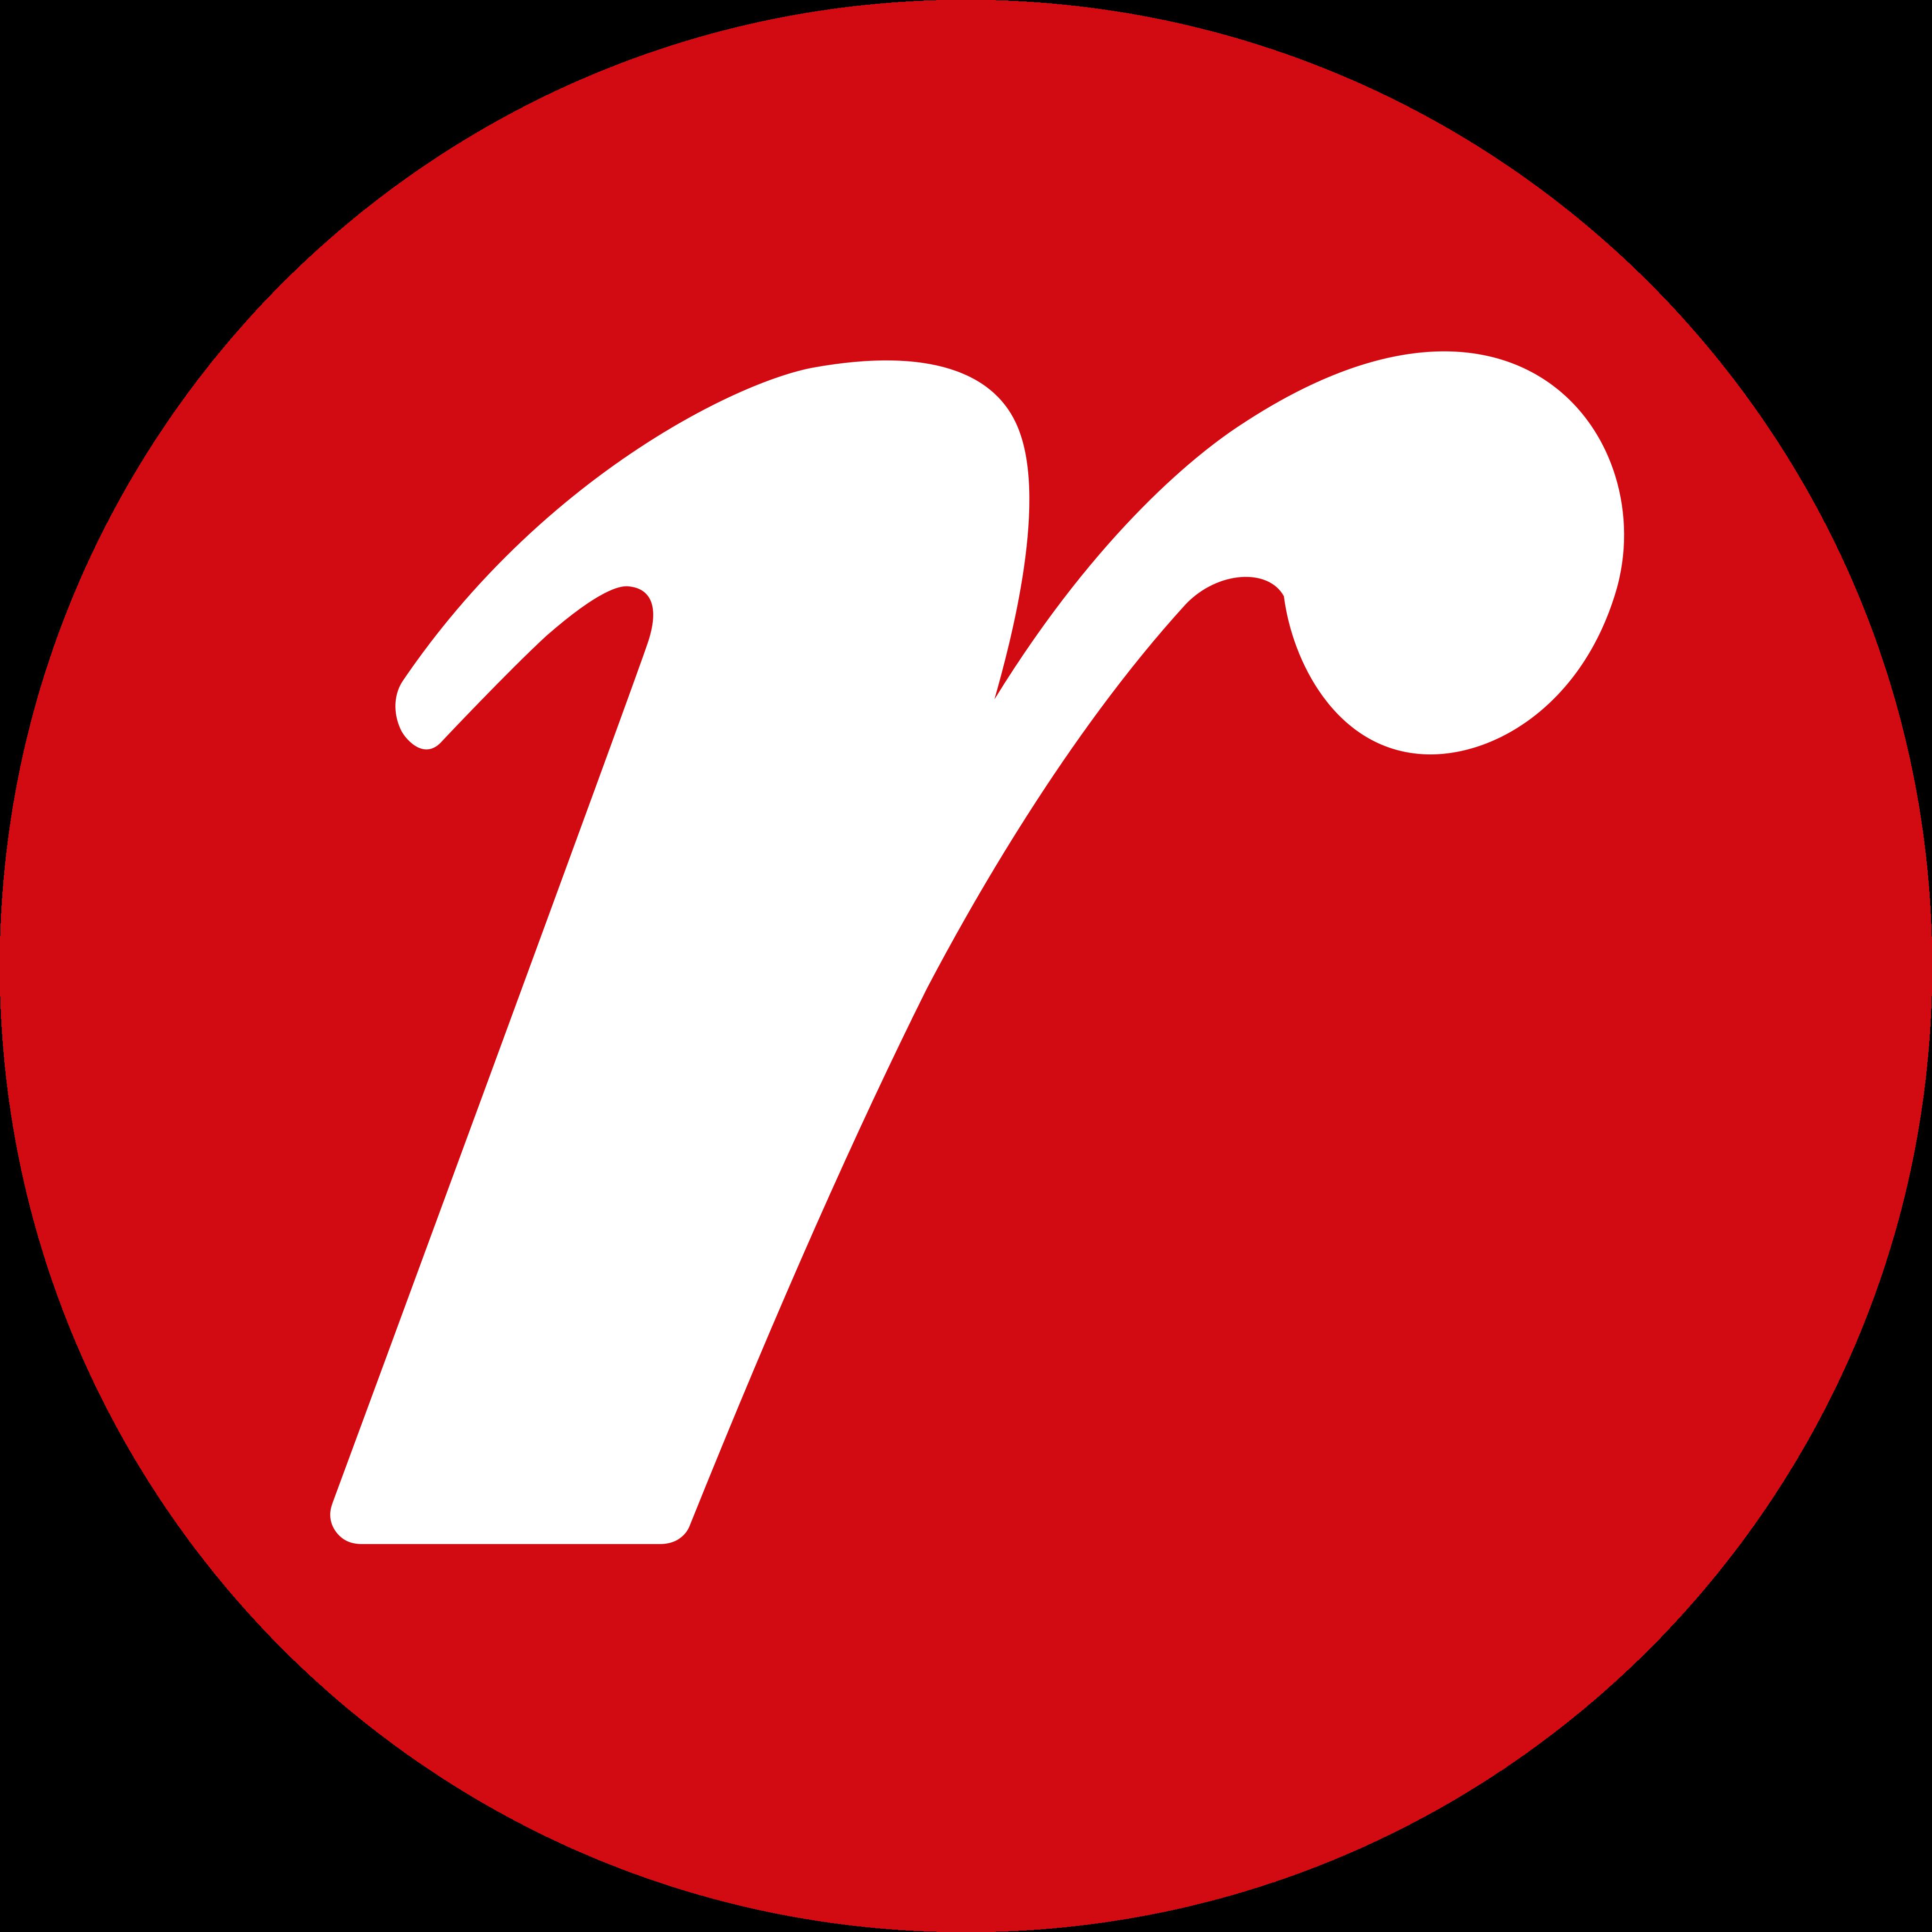 renner logo 6 - Renner Logo